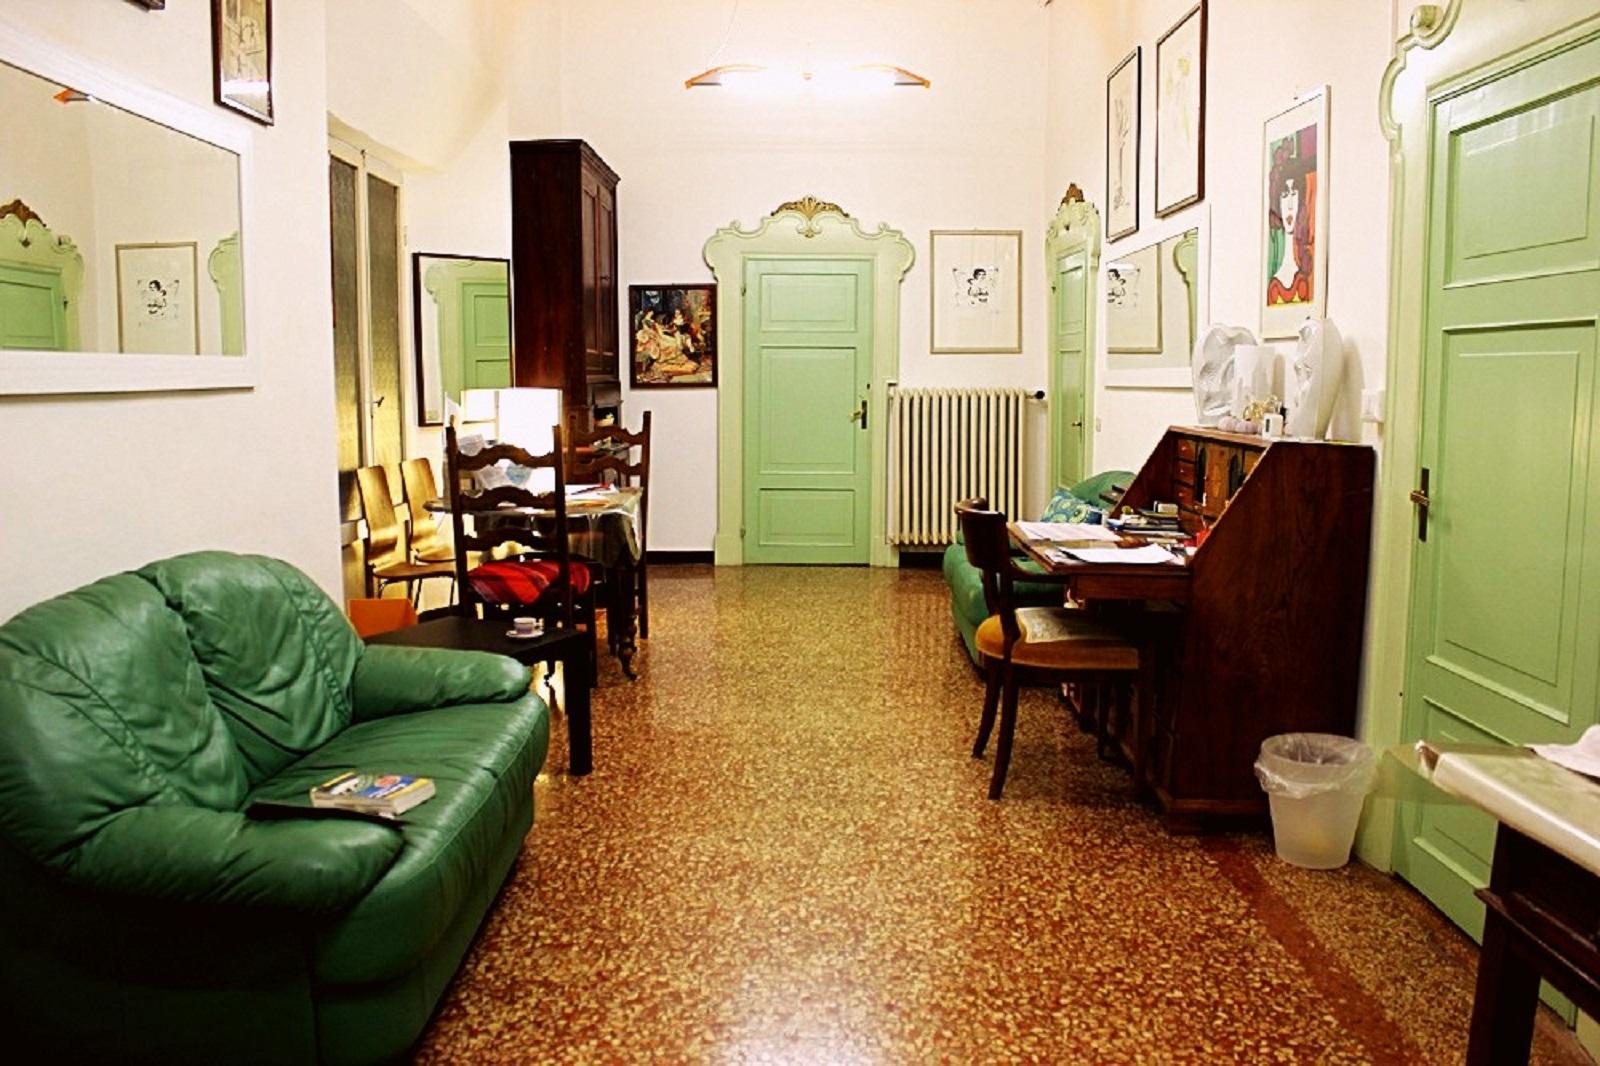 Colazione nel bed and breakfast le stanze del carro nel centro di Bologna